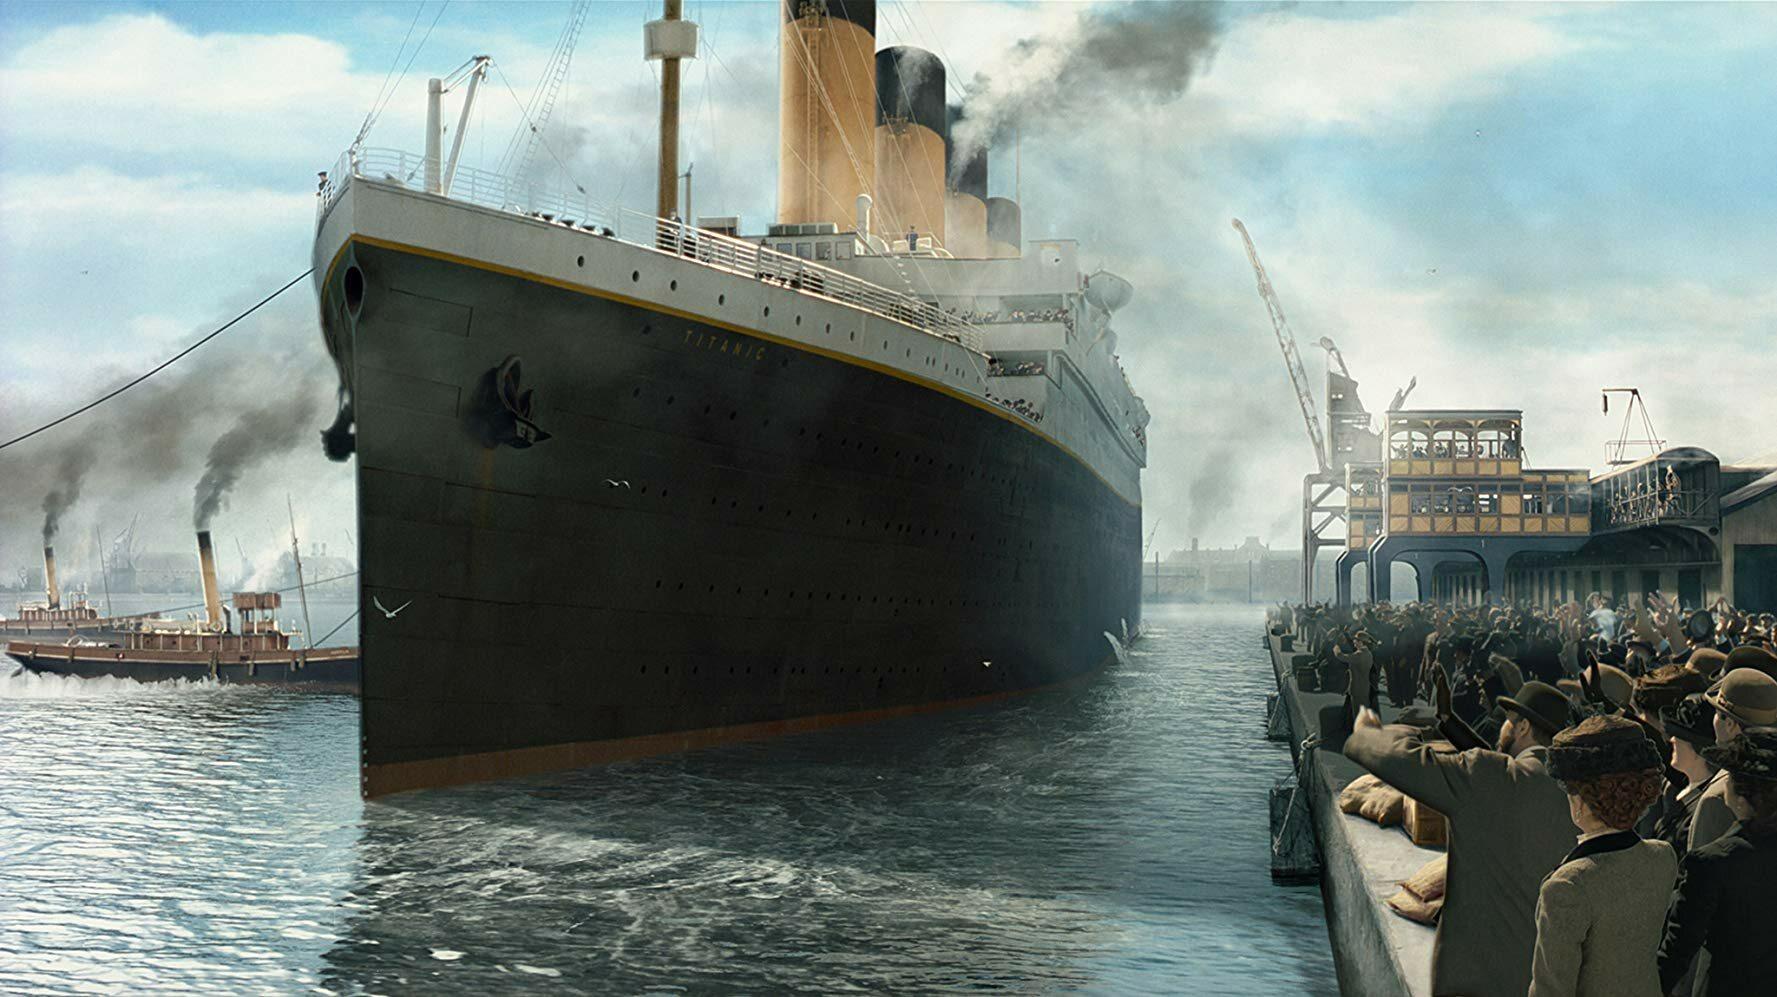 Kiedy doszło do katastrofy Titanica?